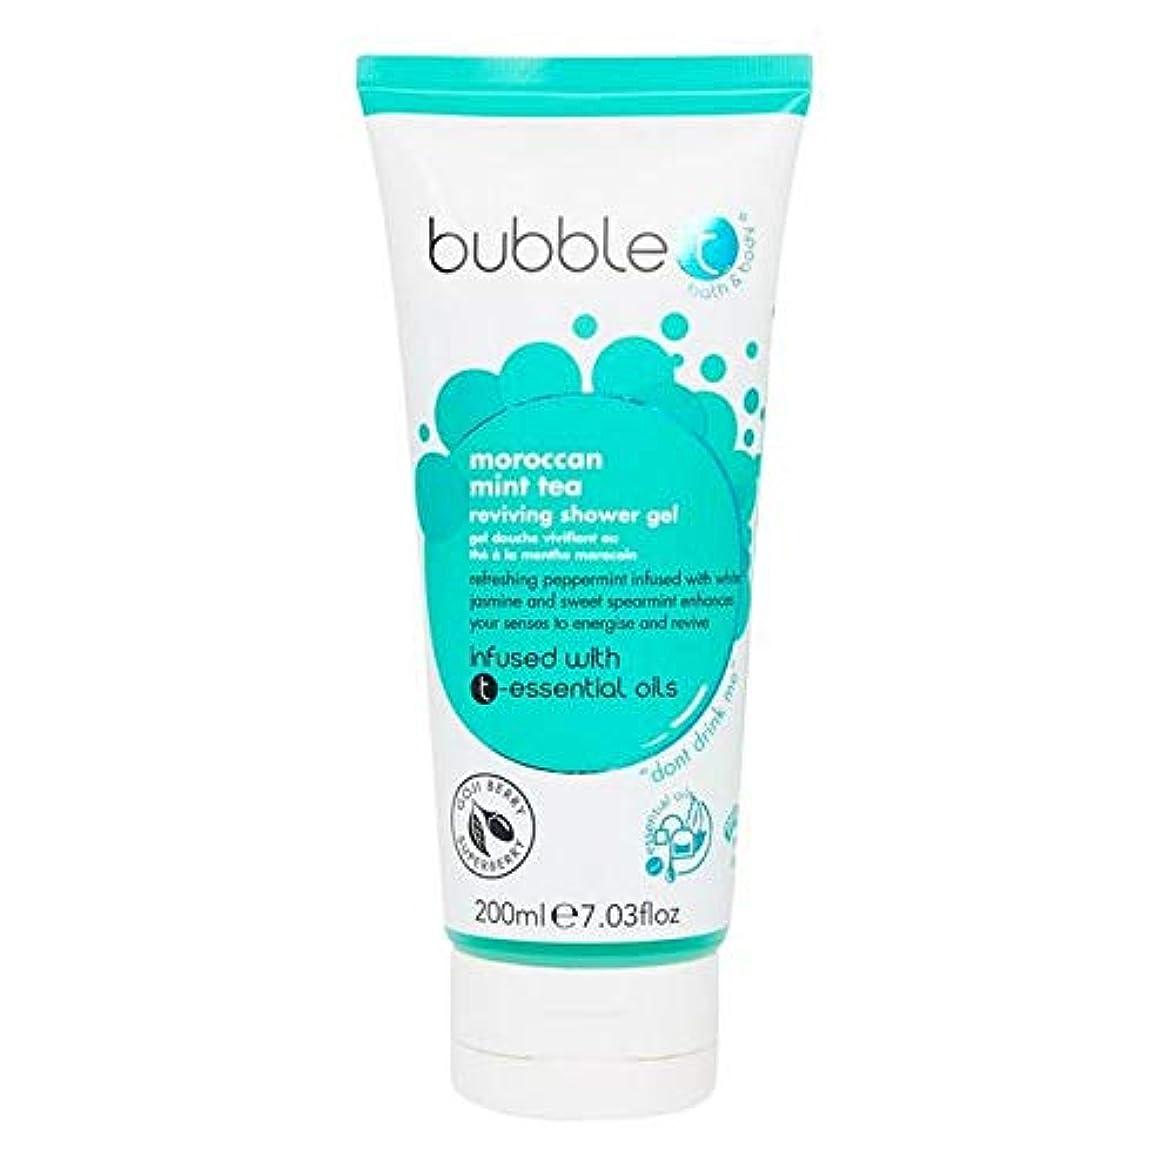 活気づけるラベルしない[Bubble T ] バブルトン化粧品シャワージェル、モロッコのミントティーを200ミリリットル - Bubble T Cosmetics Shower Gel, Moroccan Mint Tea 200ml [並行輸入品]